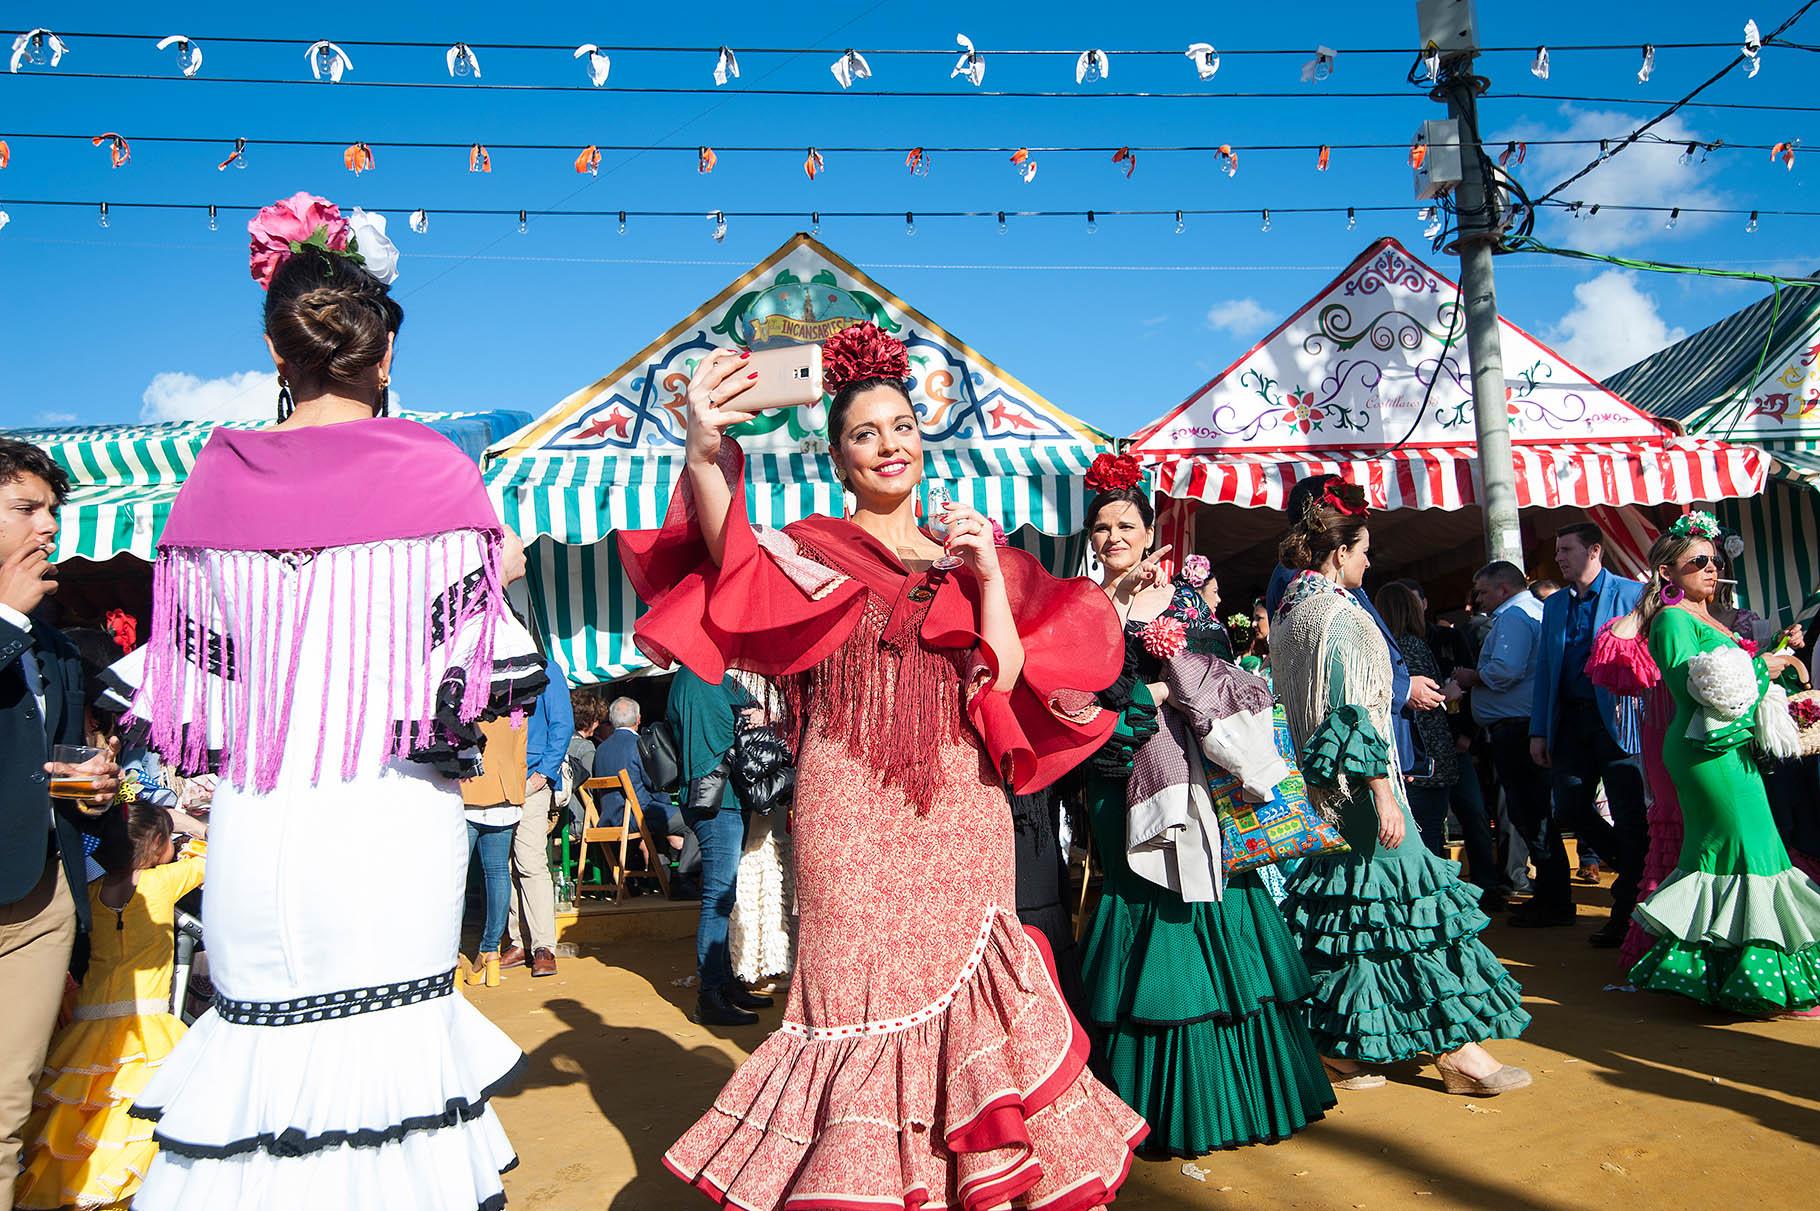 Seville Feria De Abril The April Fair Claudia Wiens